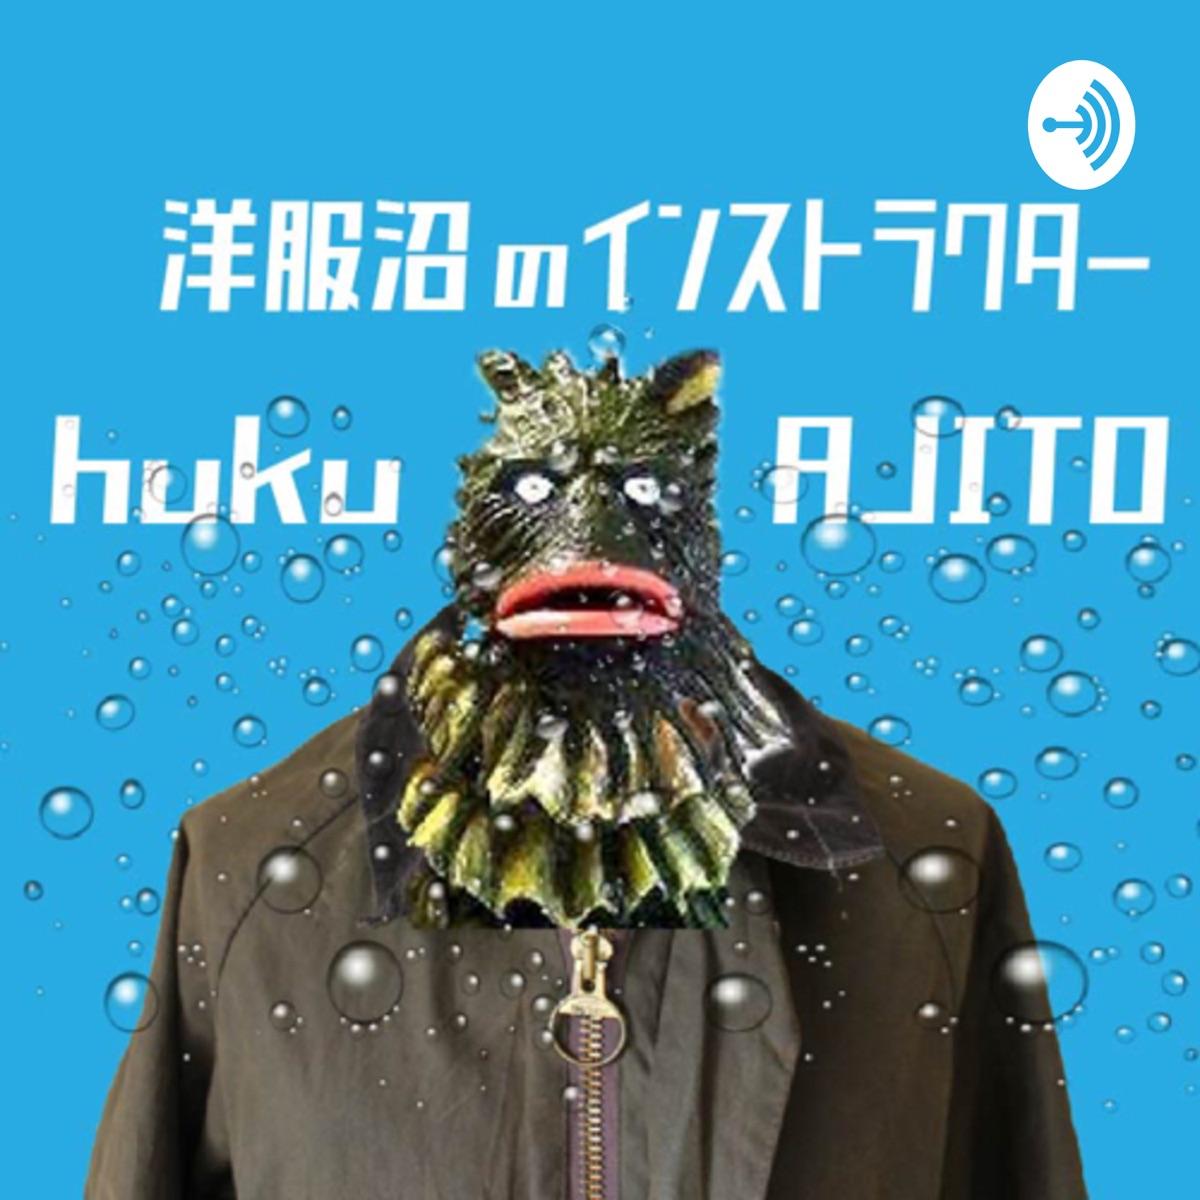 洋服沼のインストラクター hukuAJITO